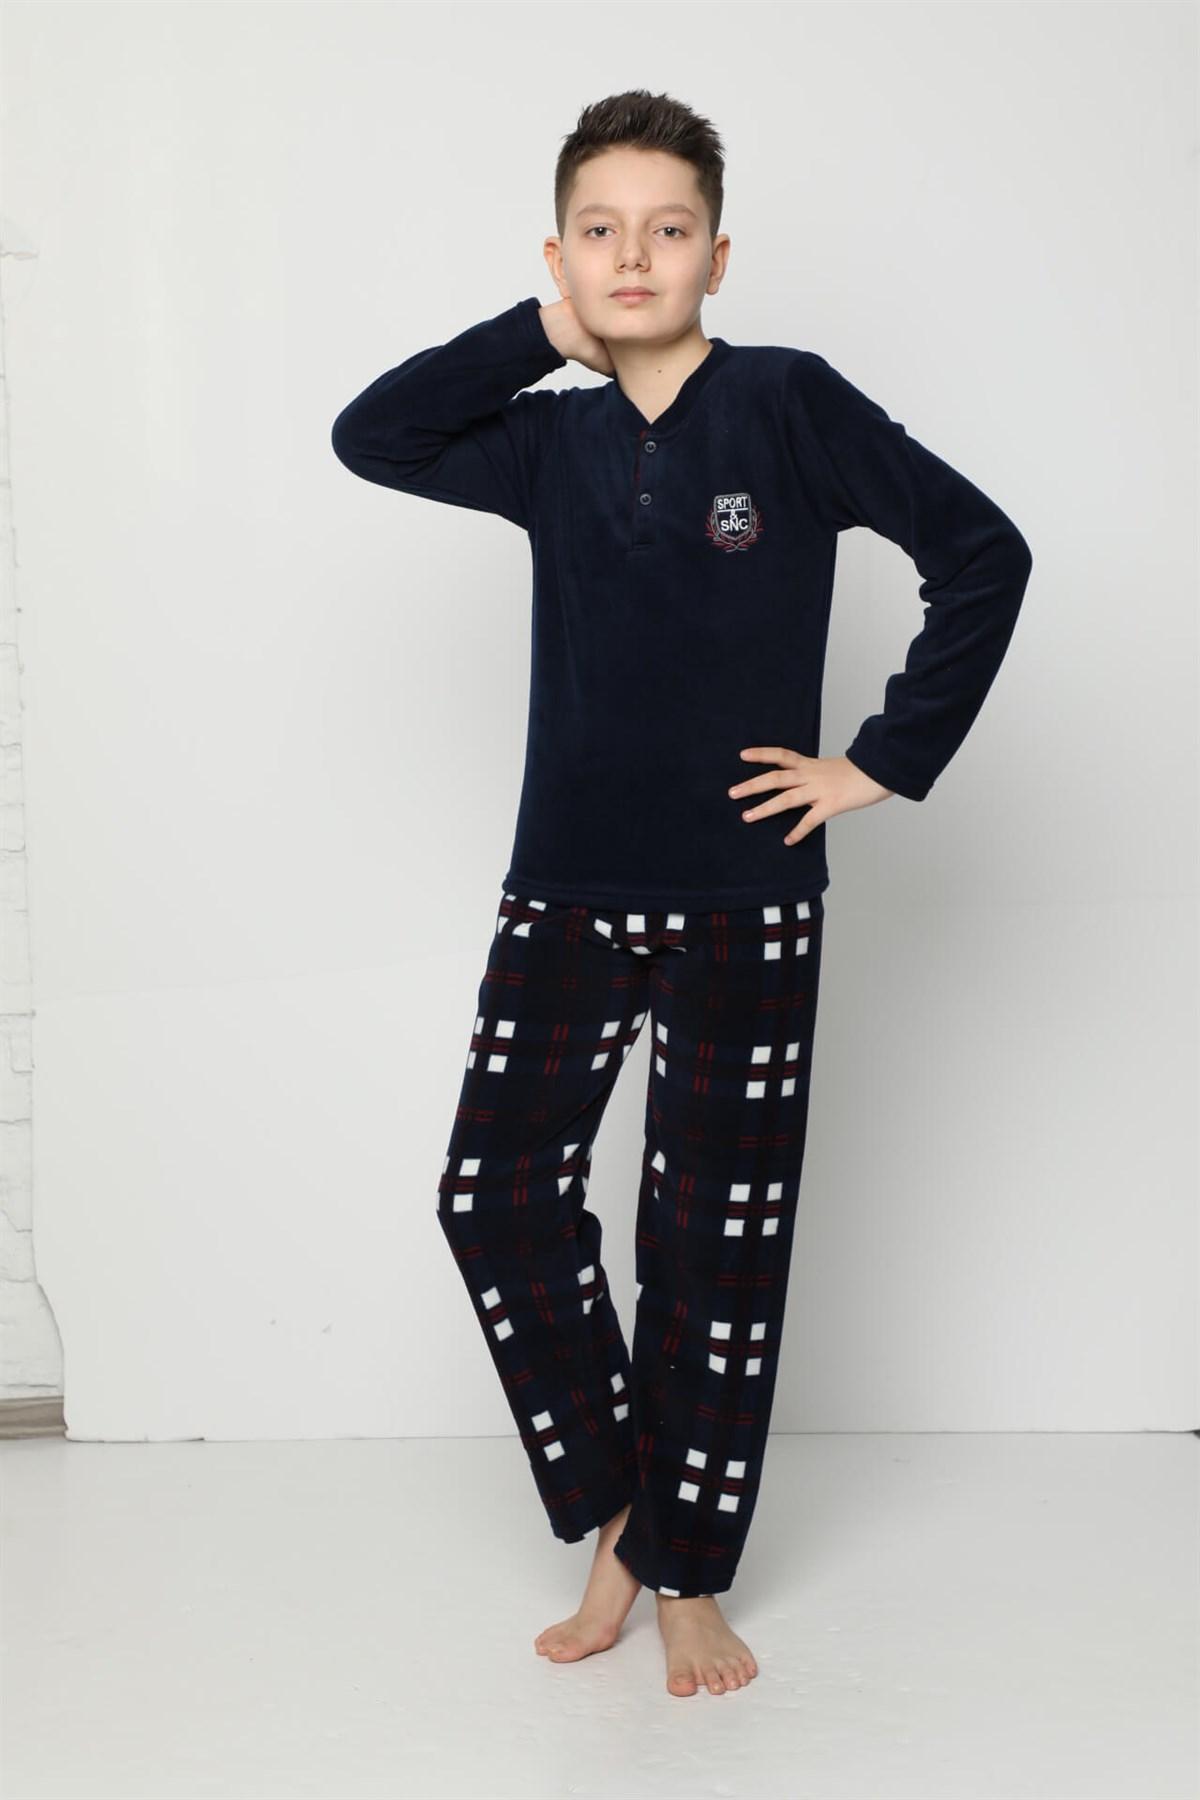 - Akbeniz WelSoft Polar Erkek Çocuk Pijama Takımı 4529 (1)